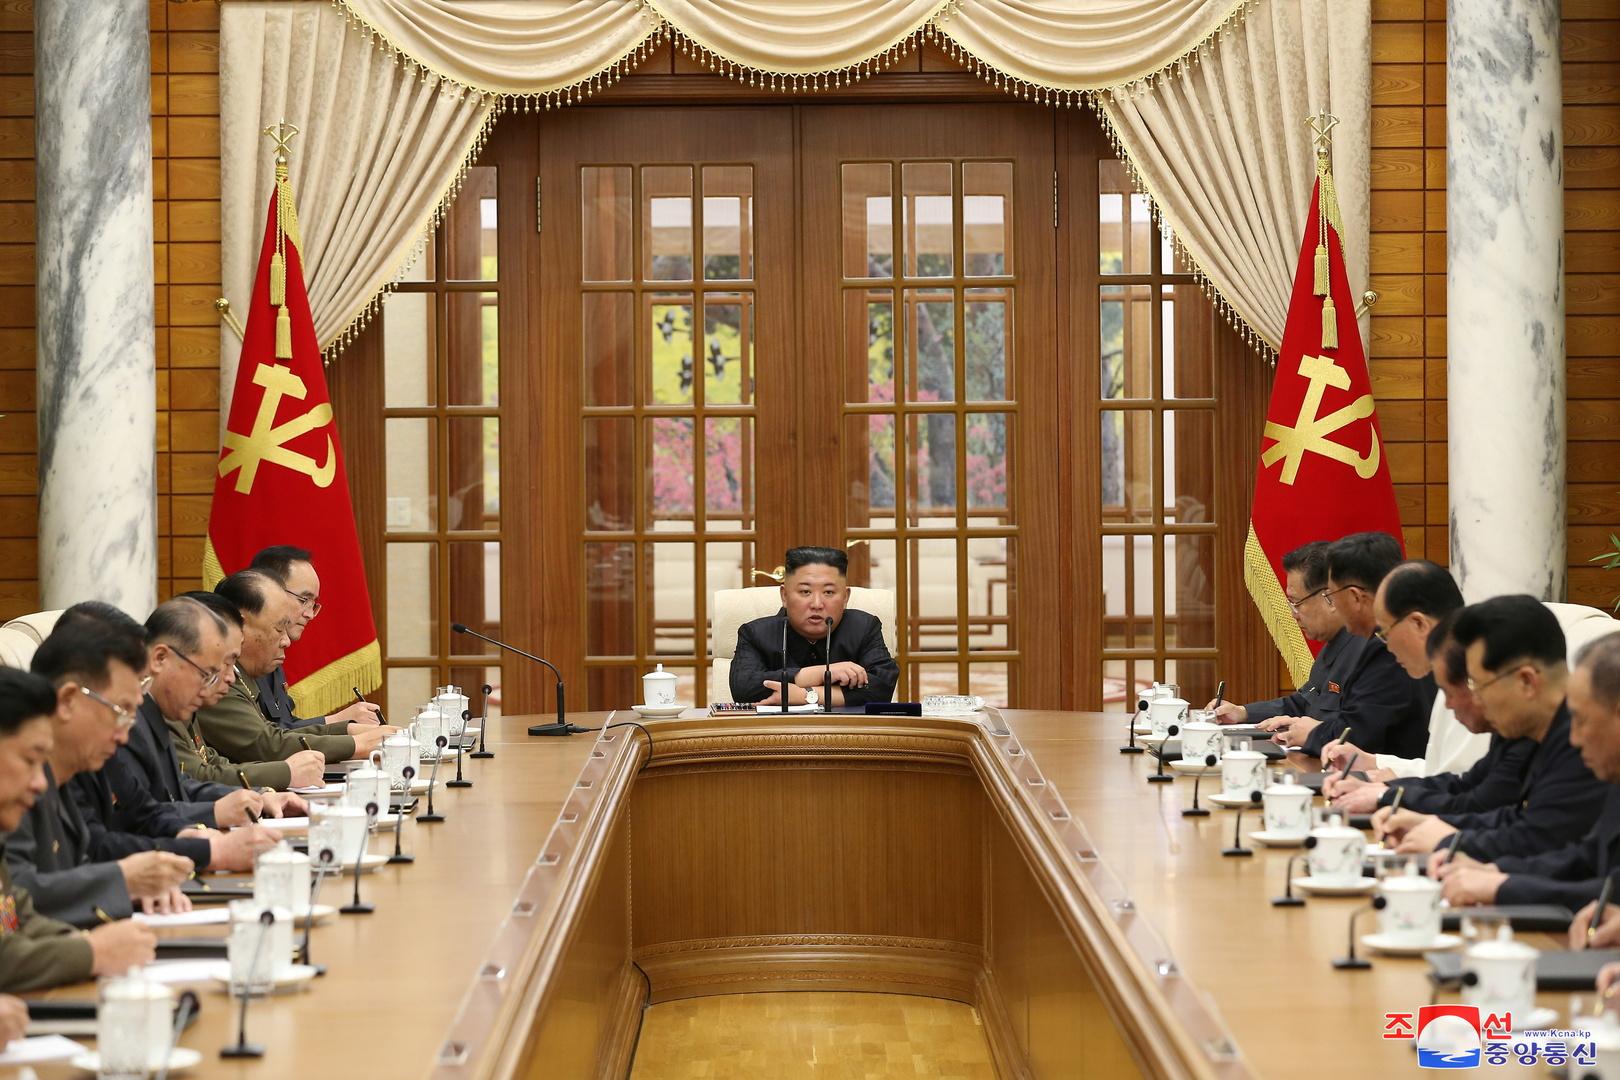 كوريا الشمالية: لا نفكر حتى في إمكانية حدوث أي اتصال مع الولايات المتحدة